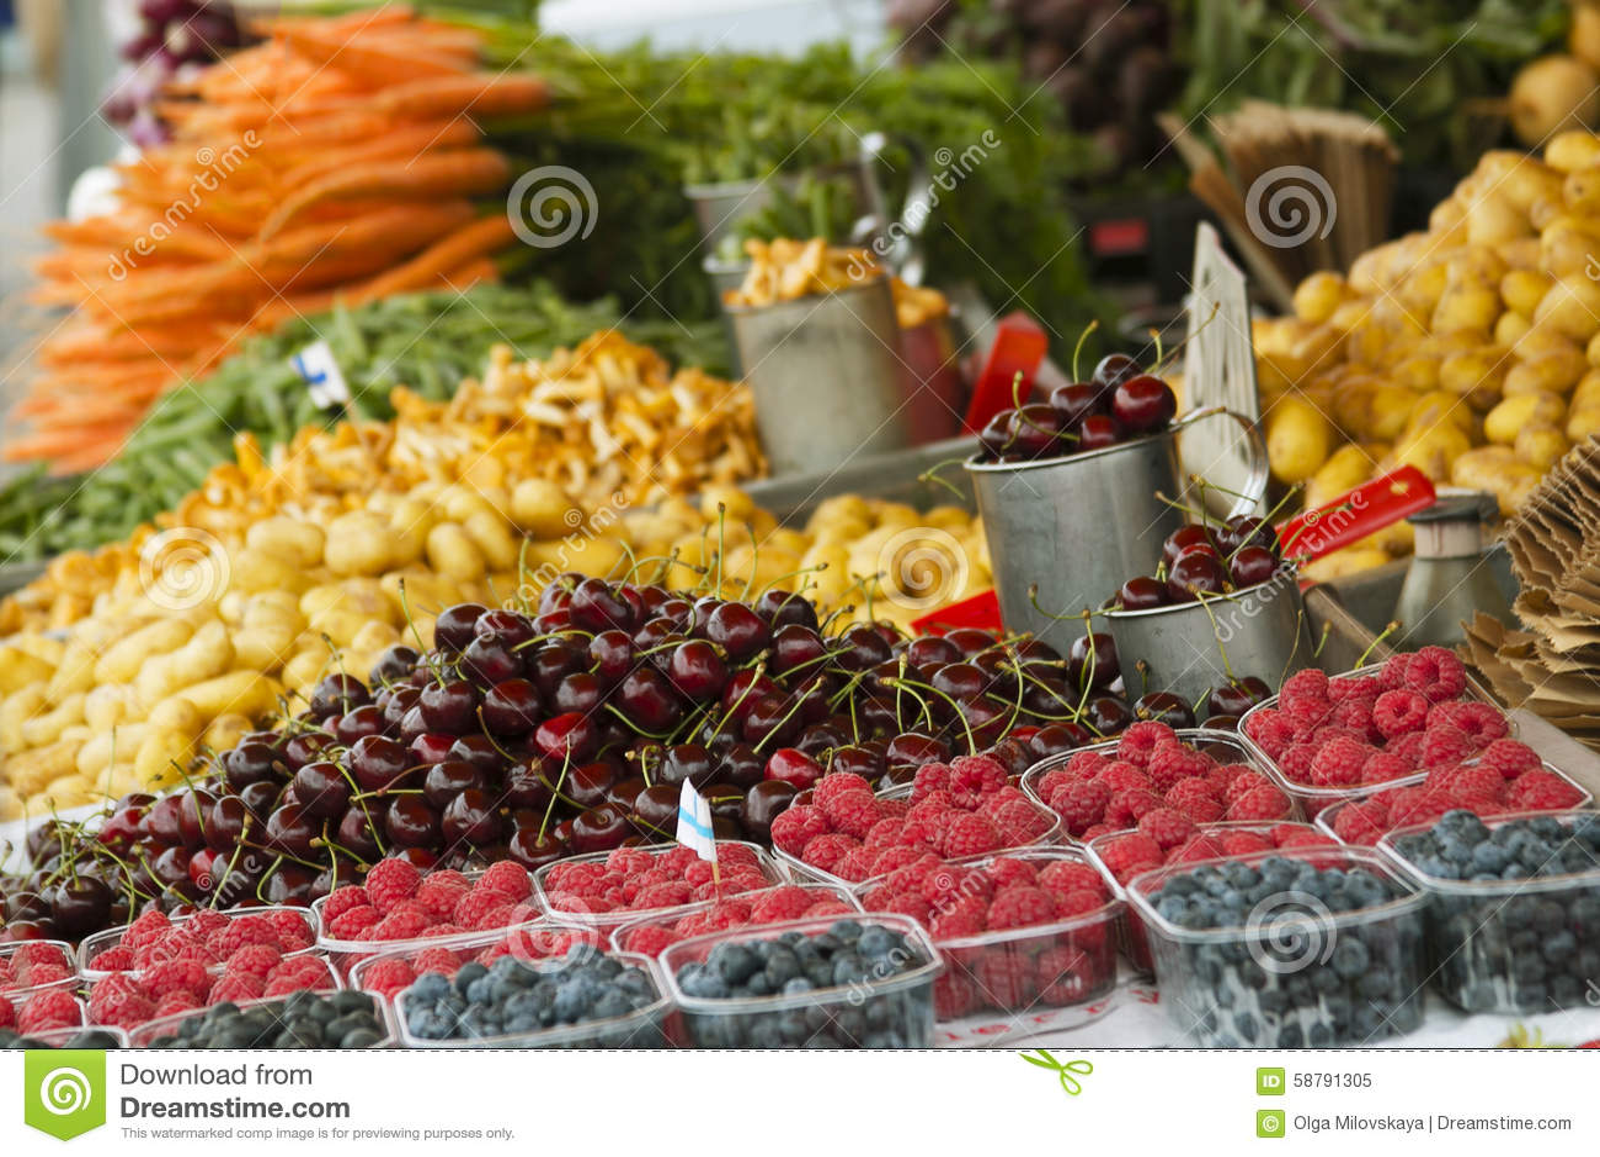 Marché avec le camion de jardin, les légumes, les fruits, les baies etc.